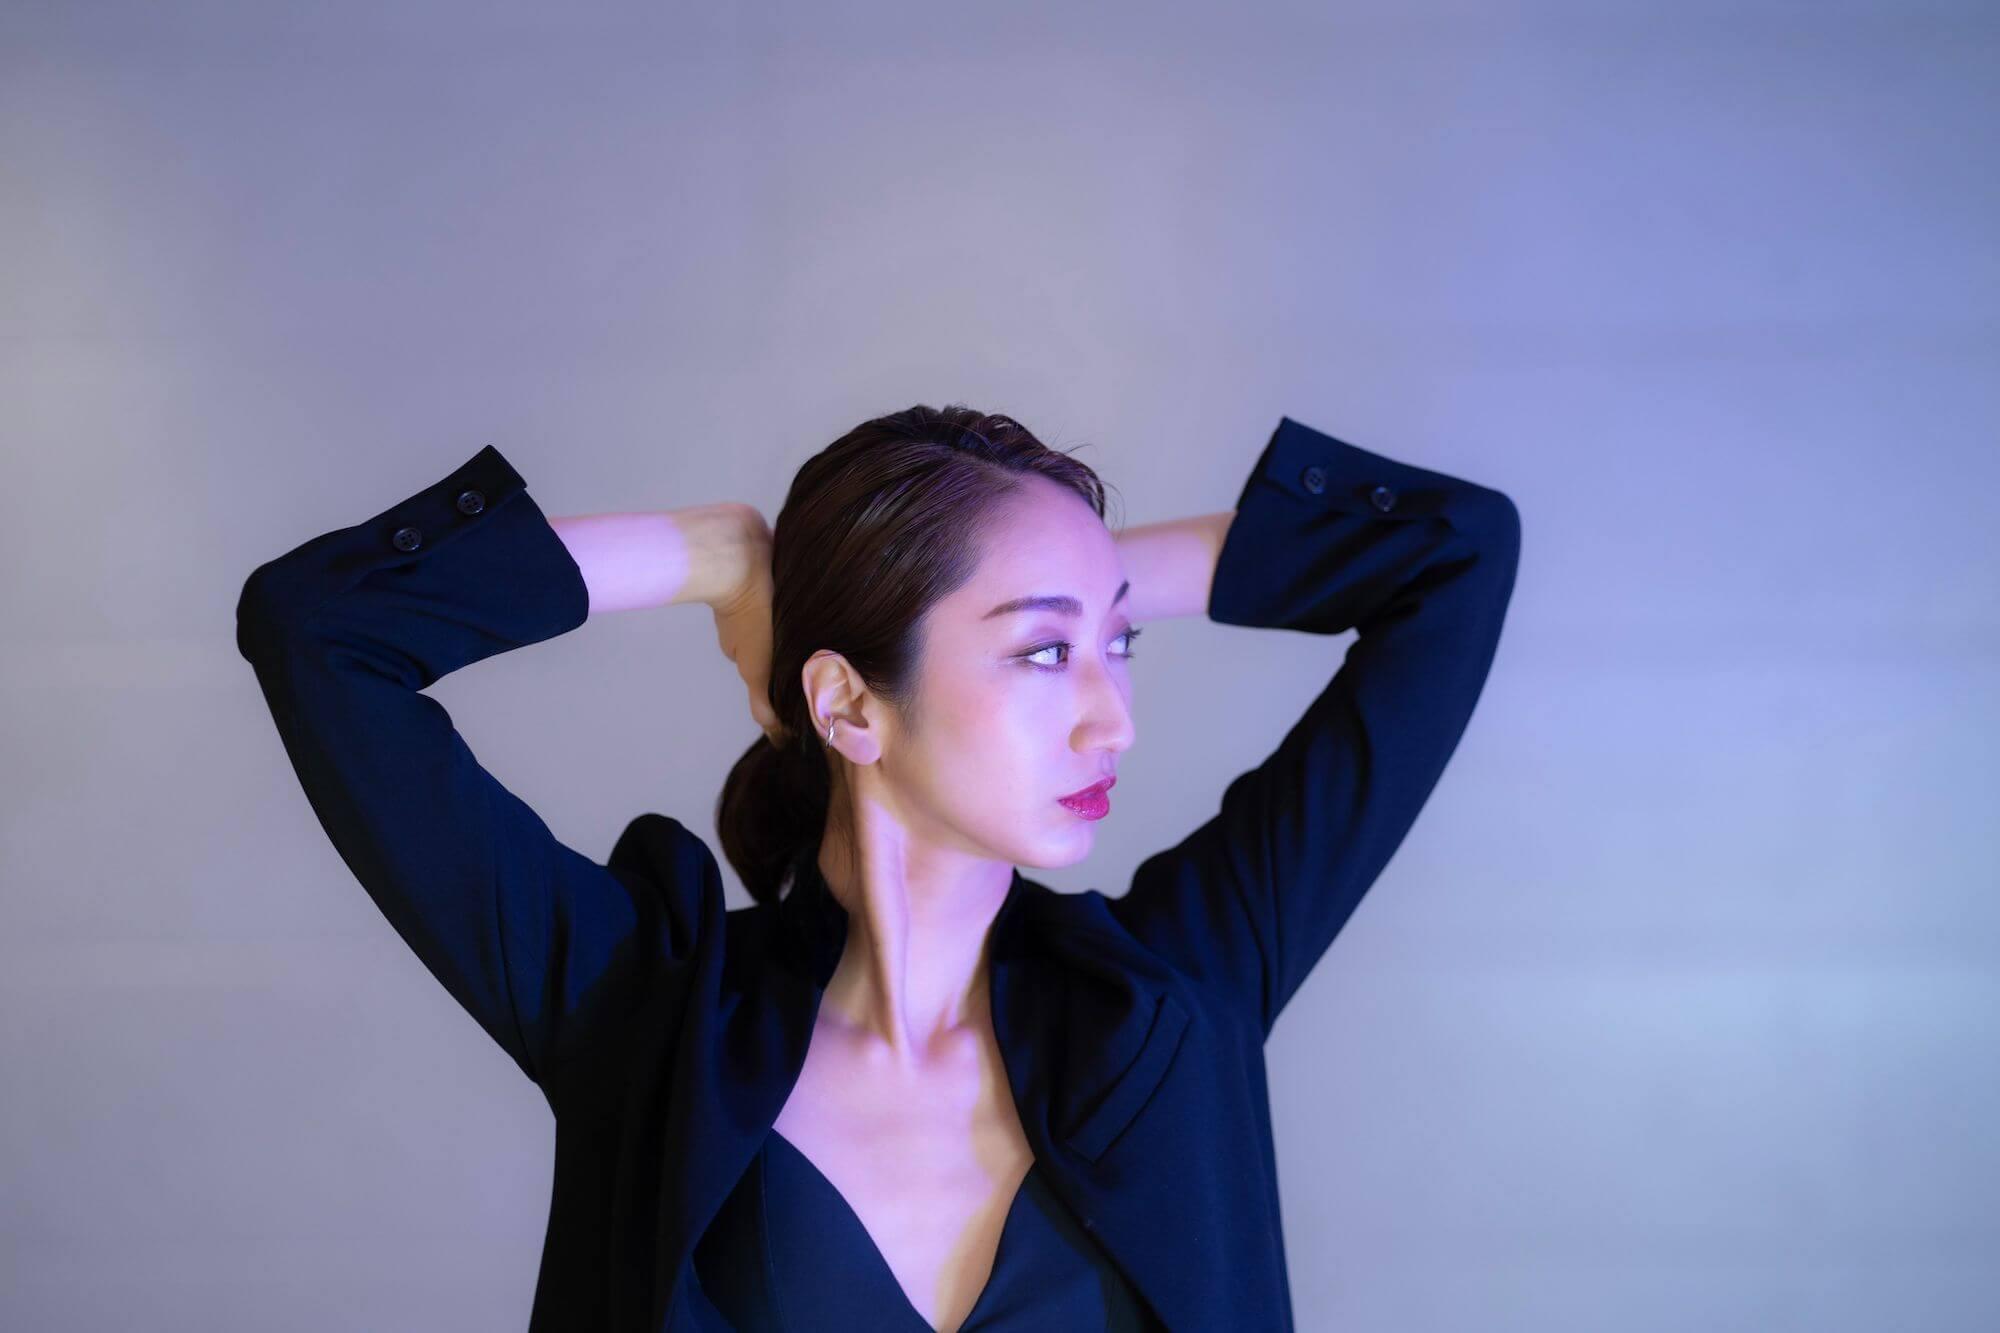 メジャーデビュー10周年イヤーに突入!Ms.OOJAが語った、歌手人生の光と影